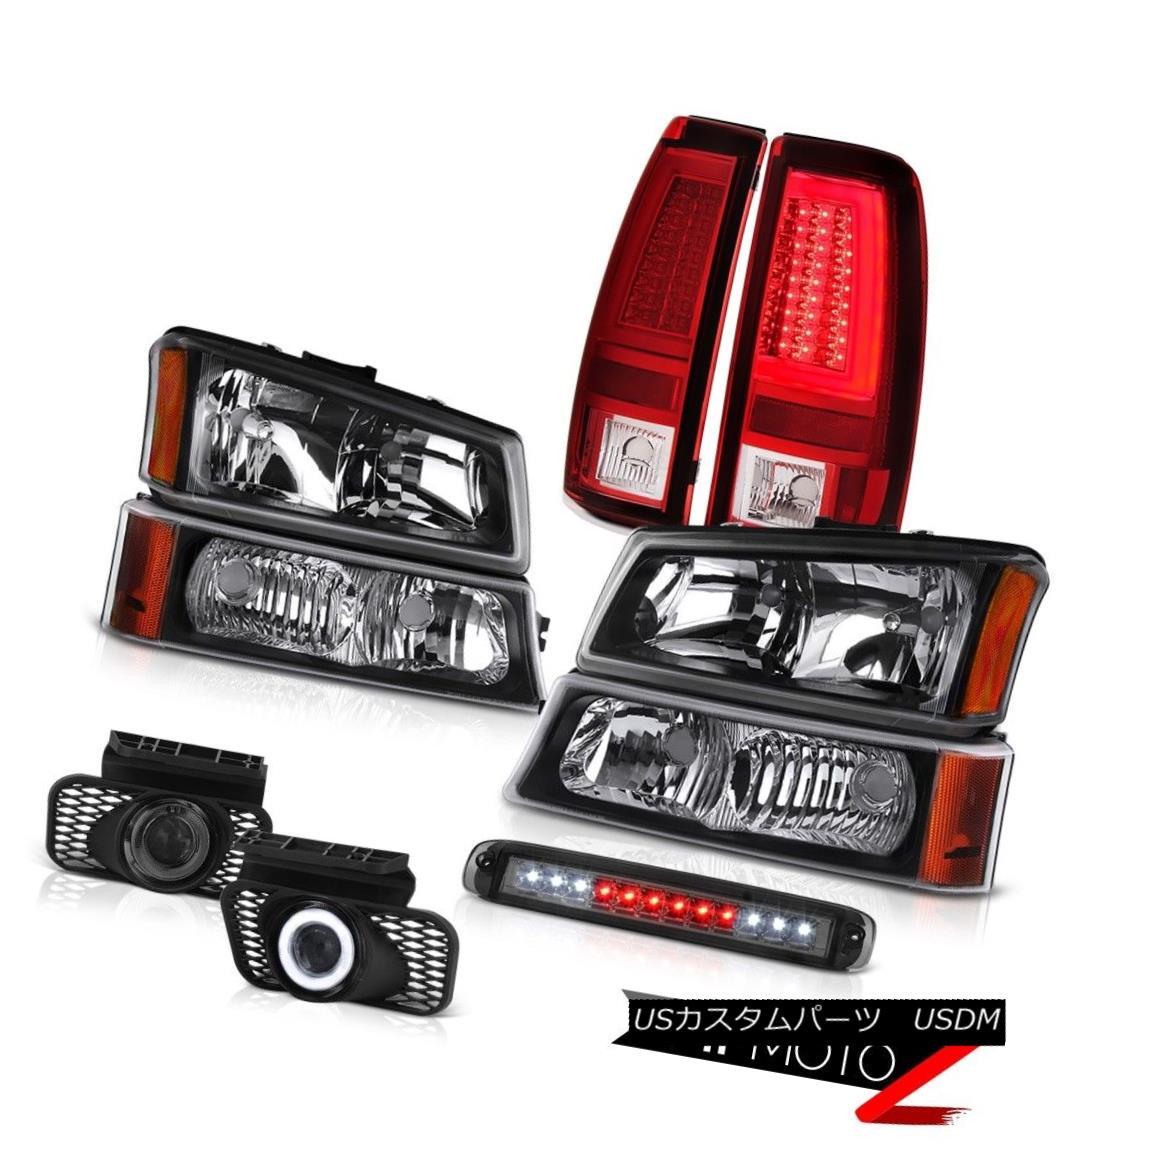 テールライト 03-06 Silverado Tail Lamps High Stop Lamp Black Turn Signal Headlights Foglamps 03-06 Silveradoテールランプハイストップランプブラックターンシグナルヘッドライトフォグランプ